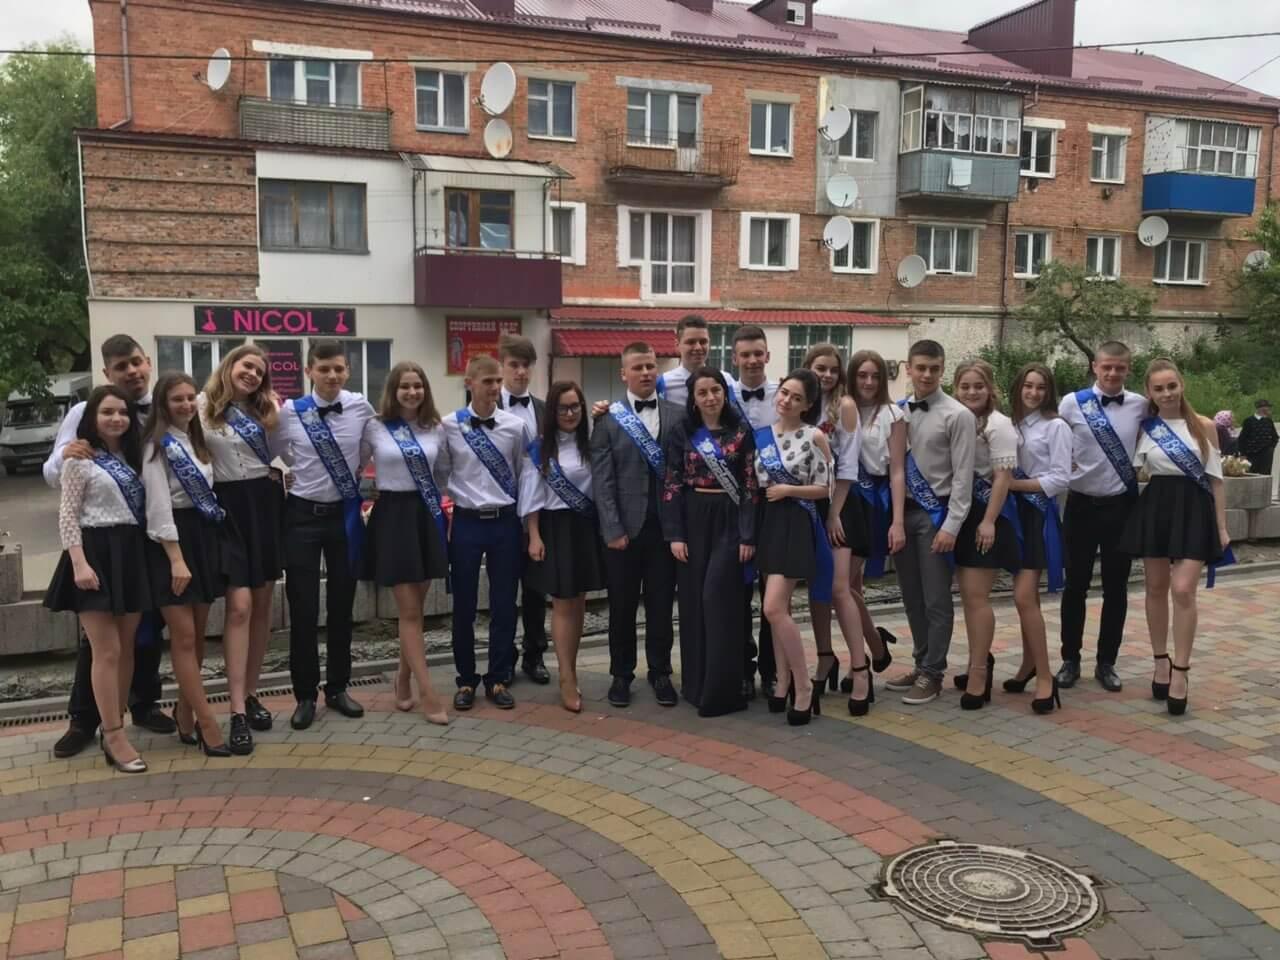 zobrazhennya viber 2019 06 03 10 46 28 - Мій клас – це маленька сім'я...